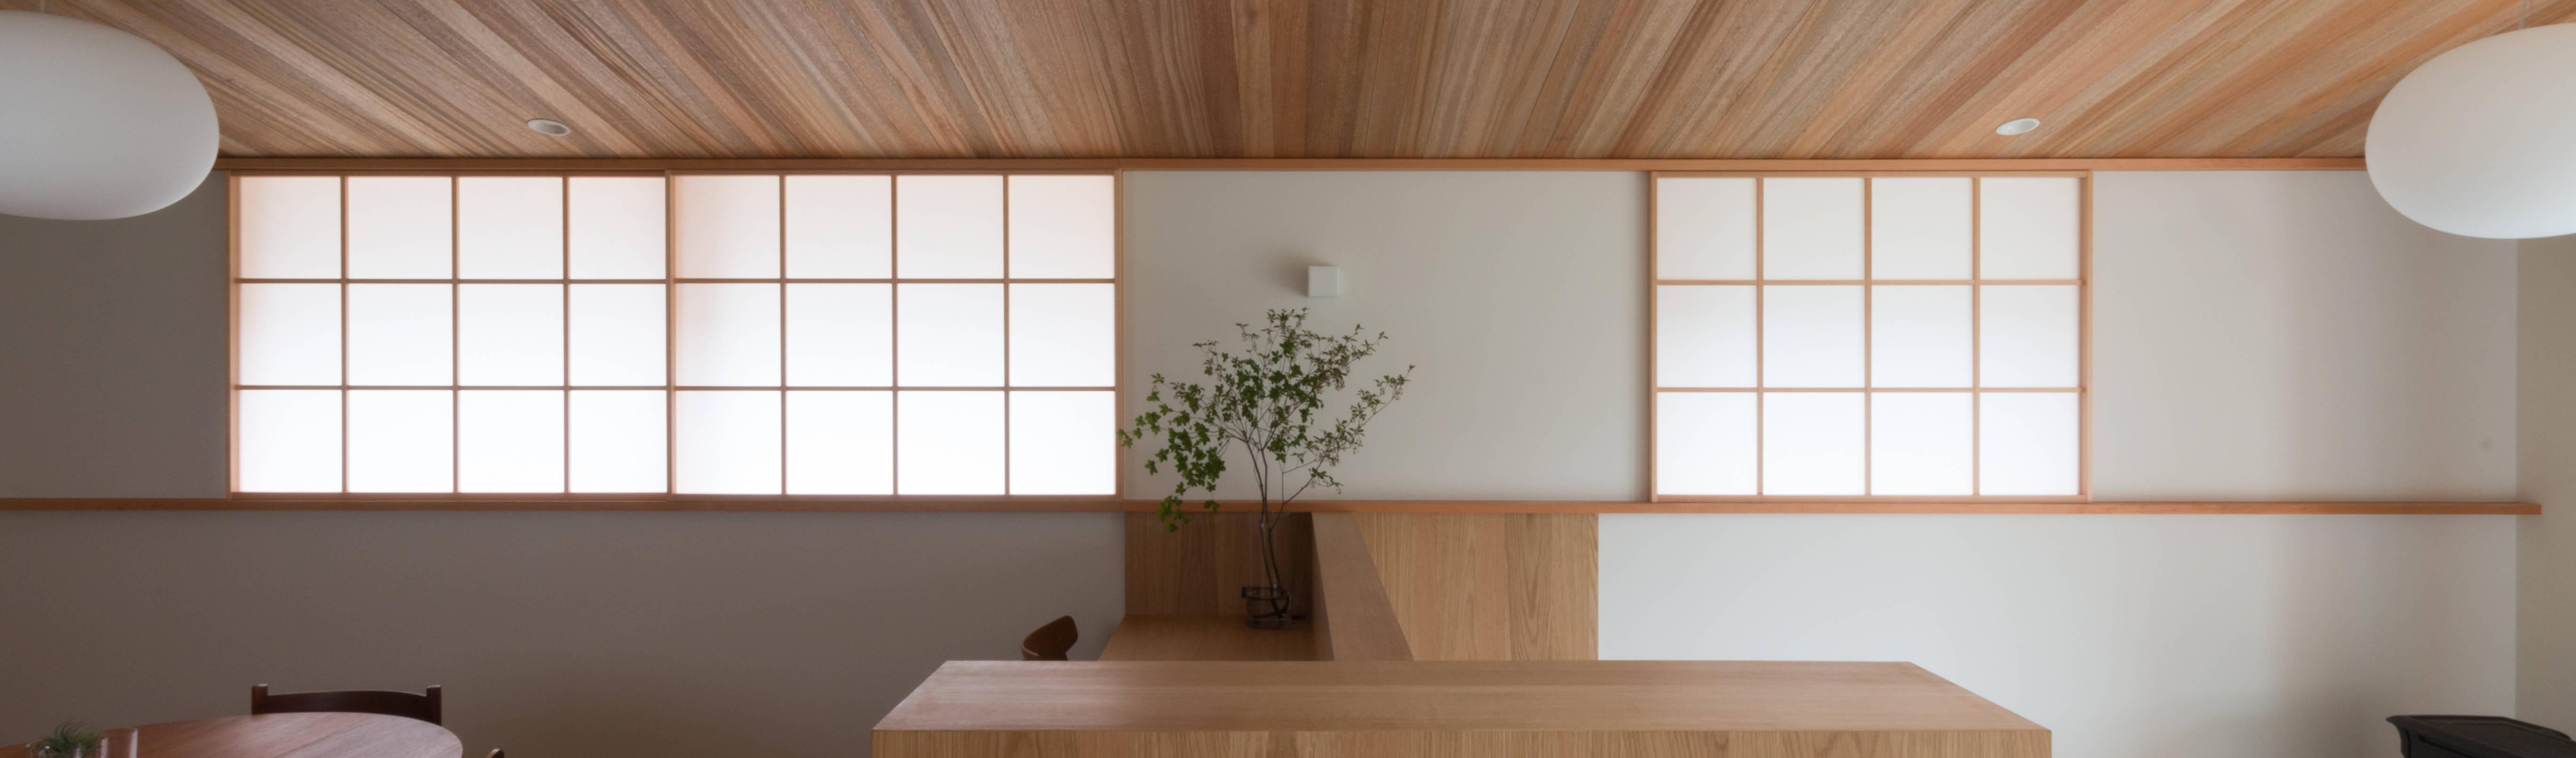 安江怜史建築設計事務所